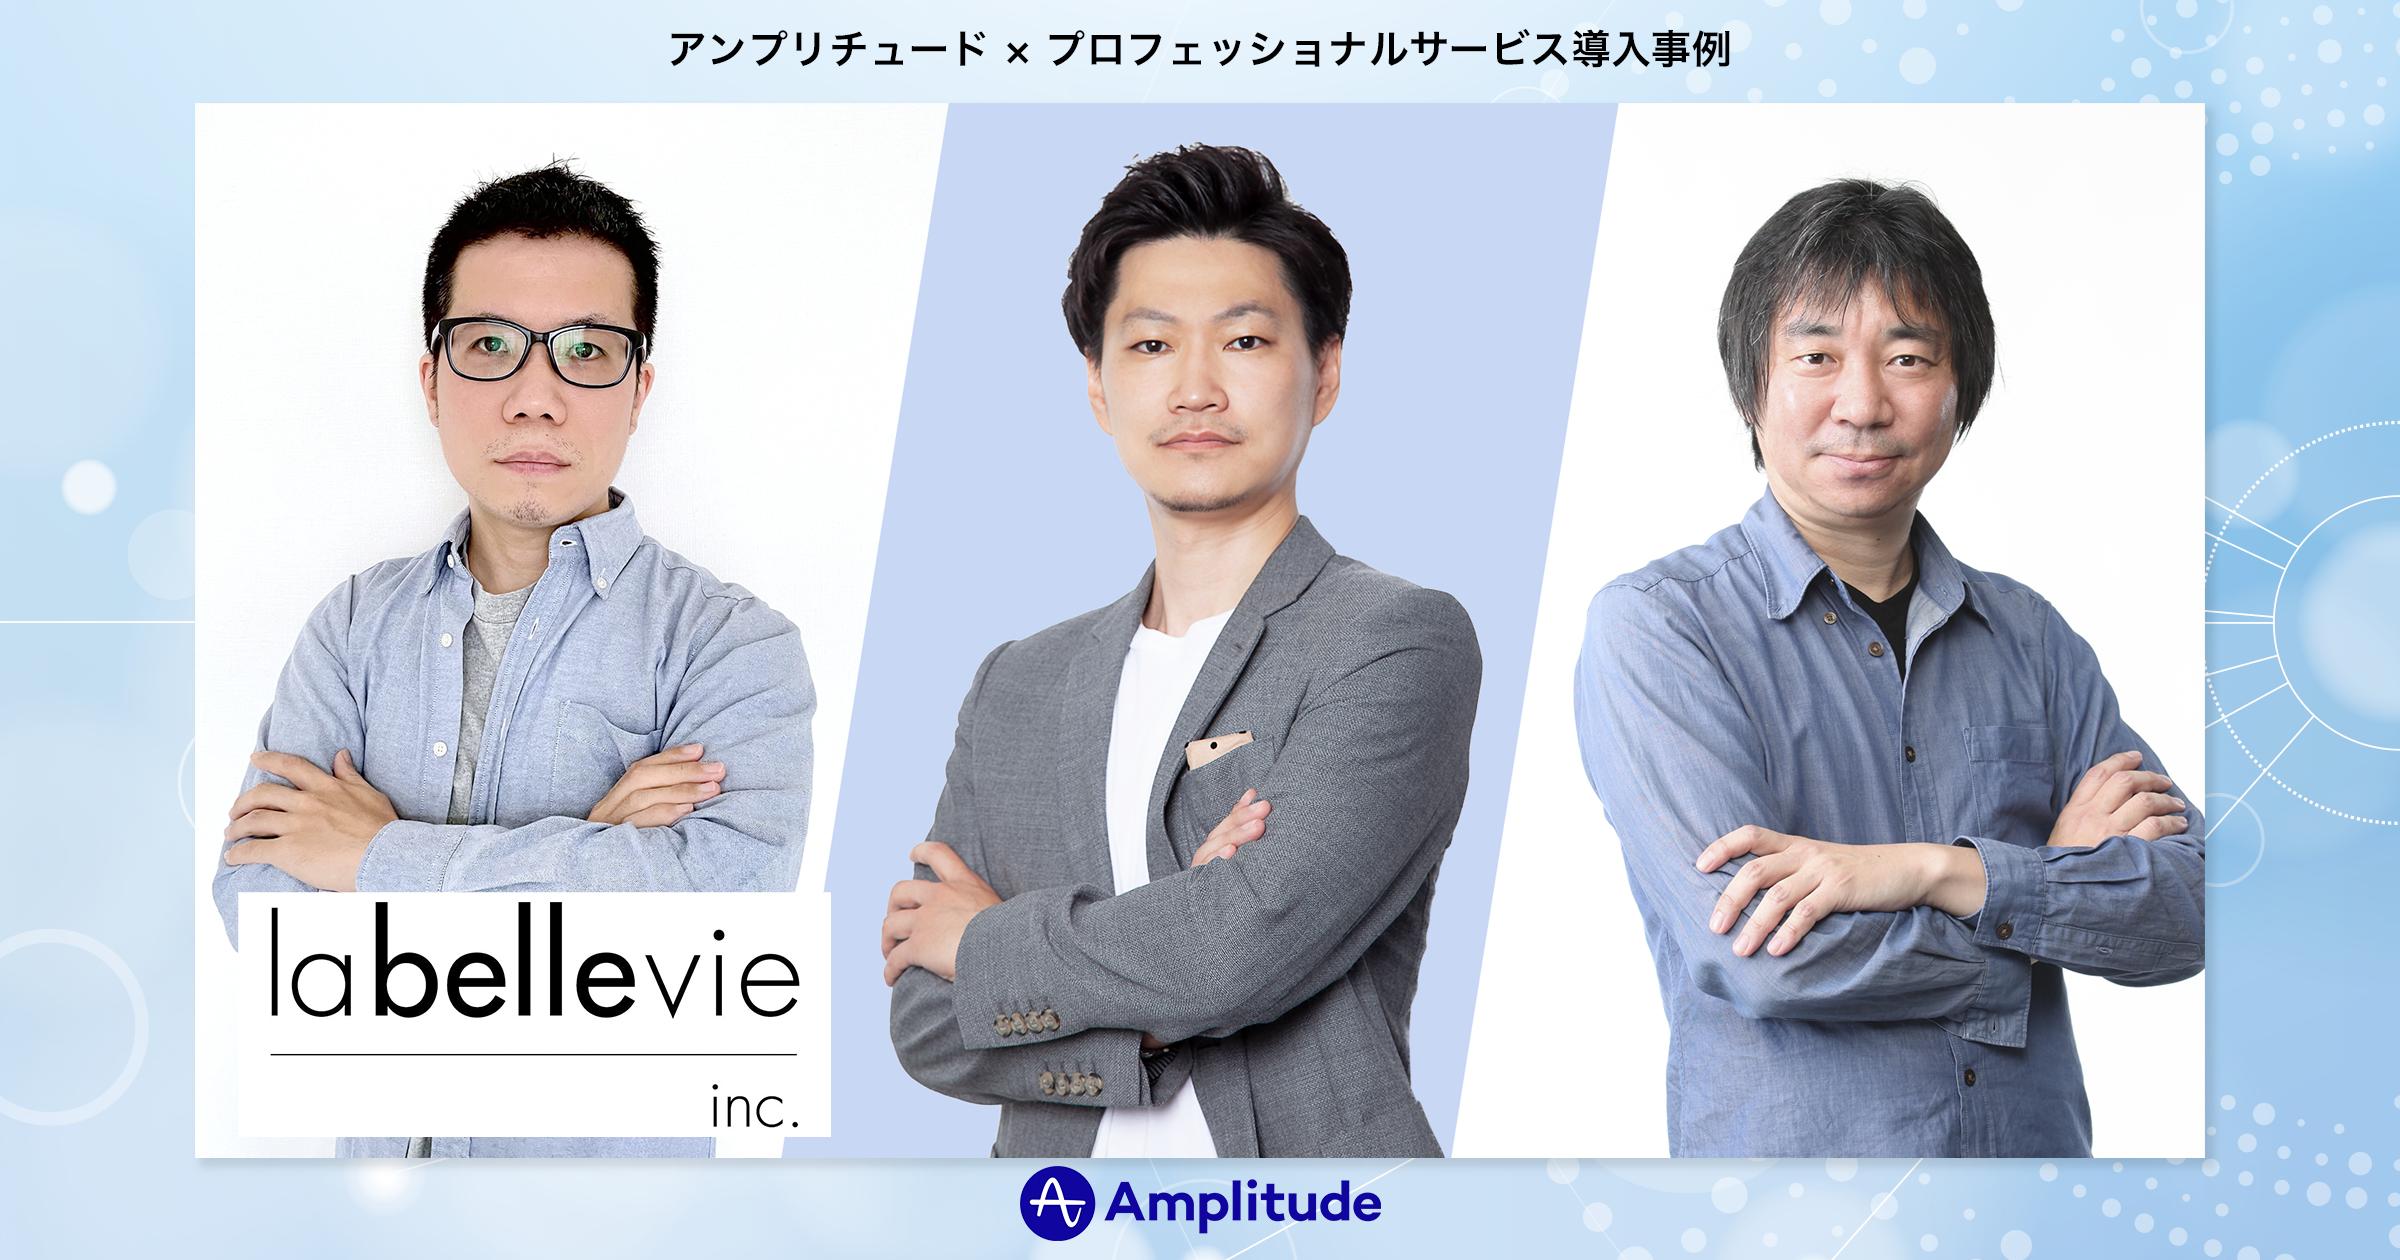 データドリブンに、よりスピーディーに行動できる環境づくりを la belle vie   Amplitude(アンプリチュード)導入インタビュー   グロースマーケティング公式 Growth Marketing